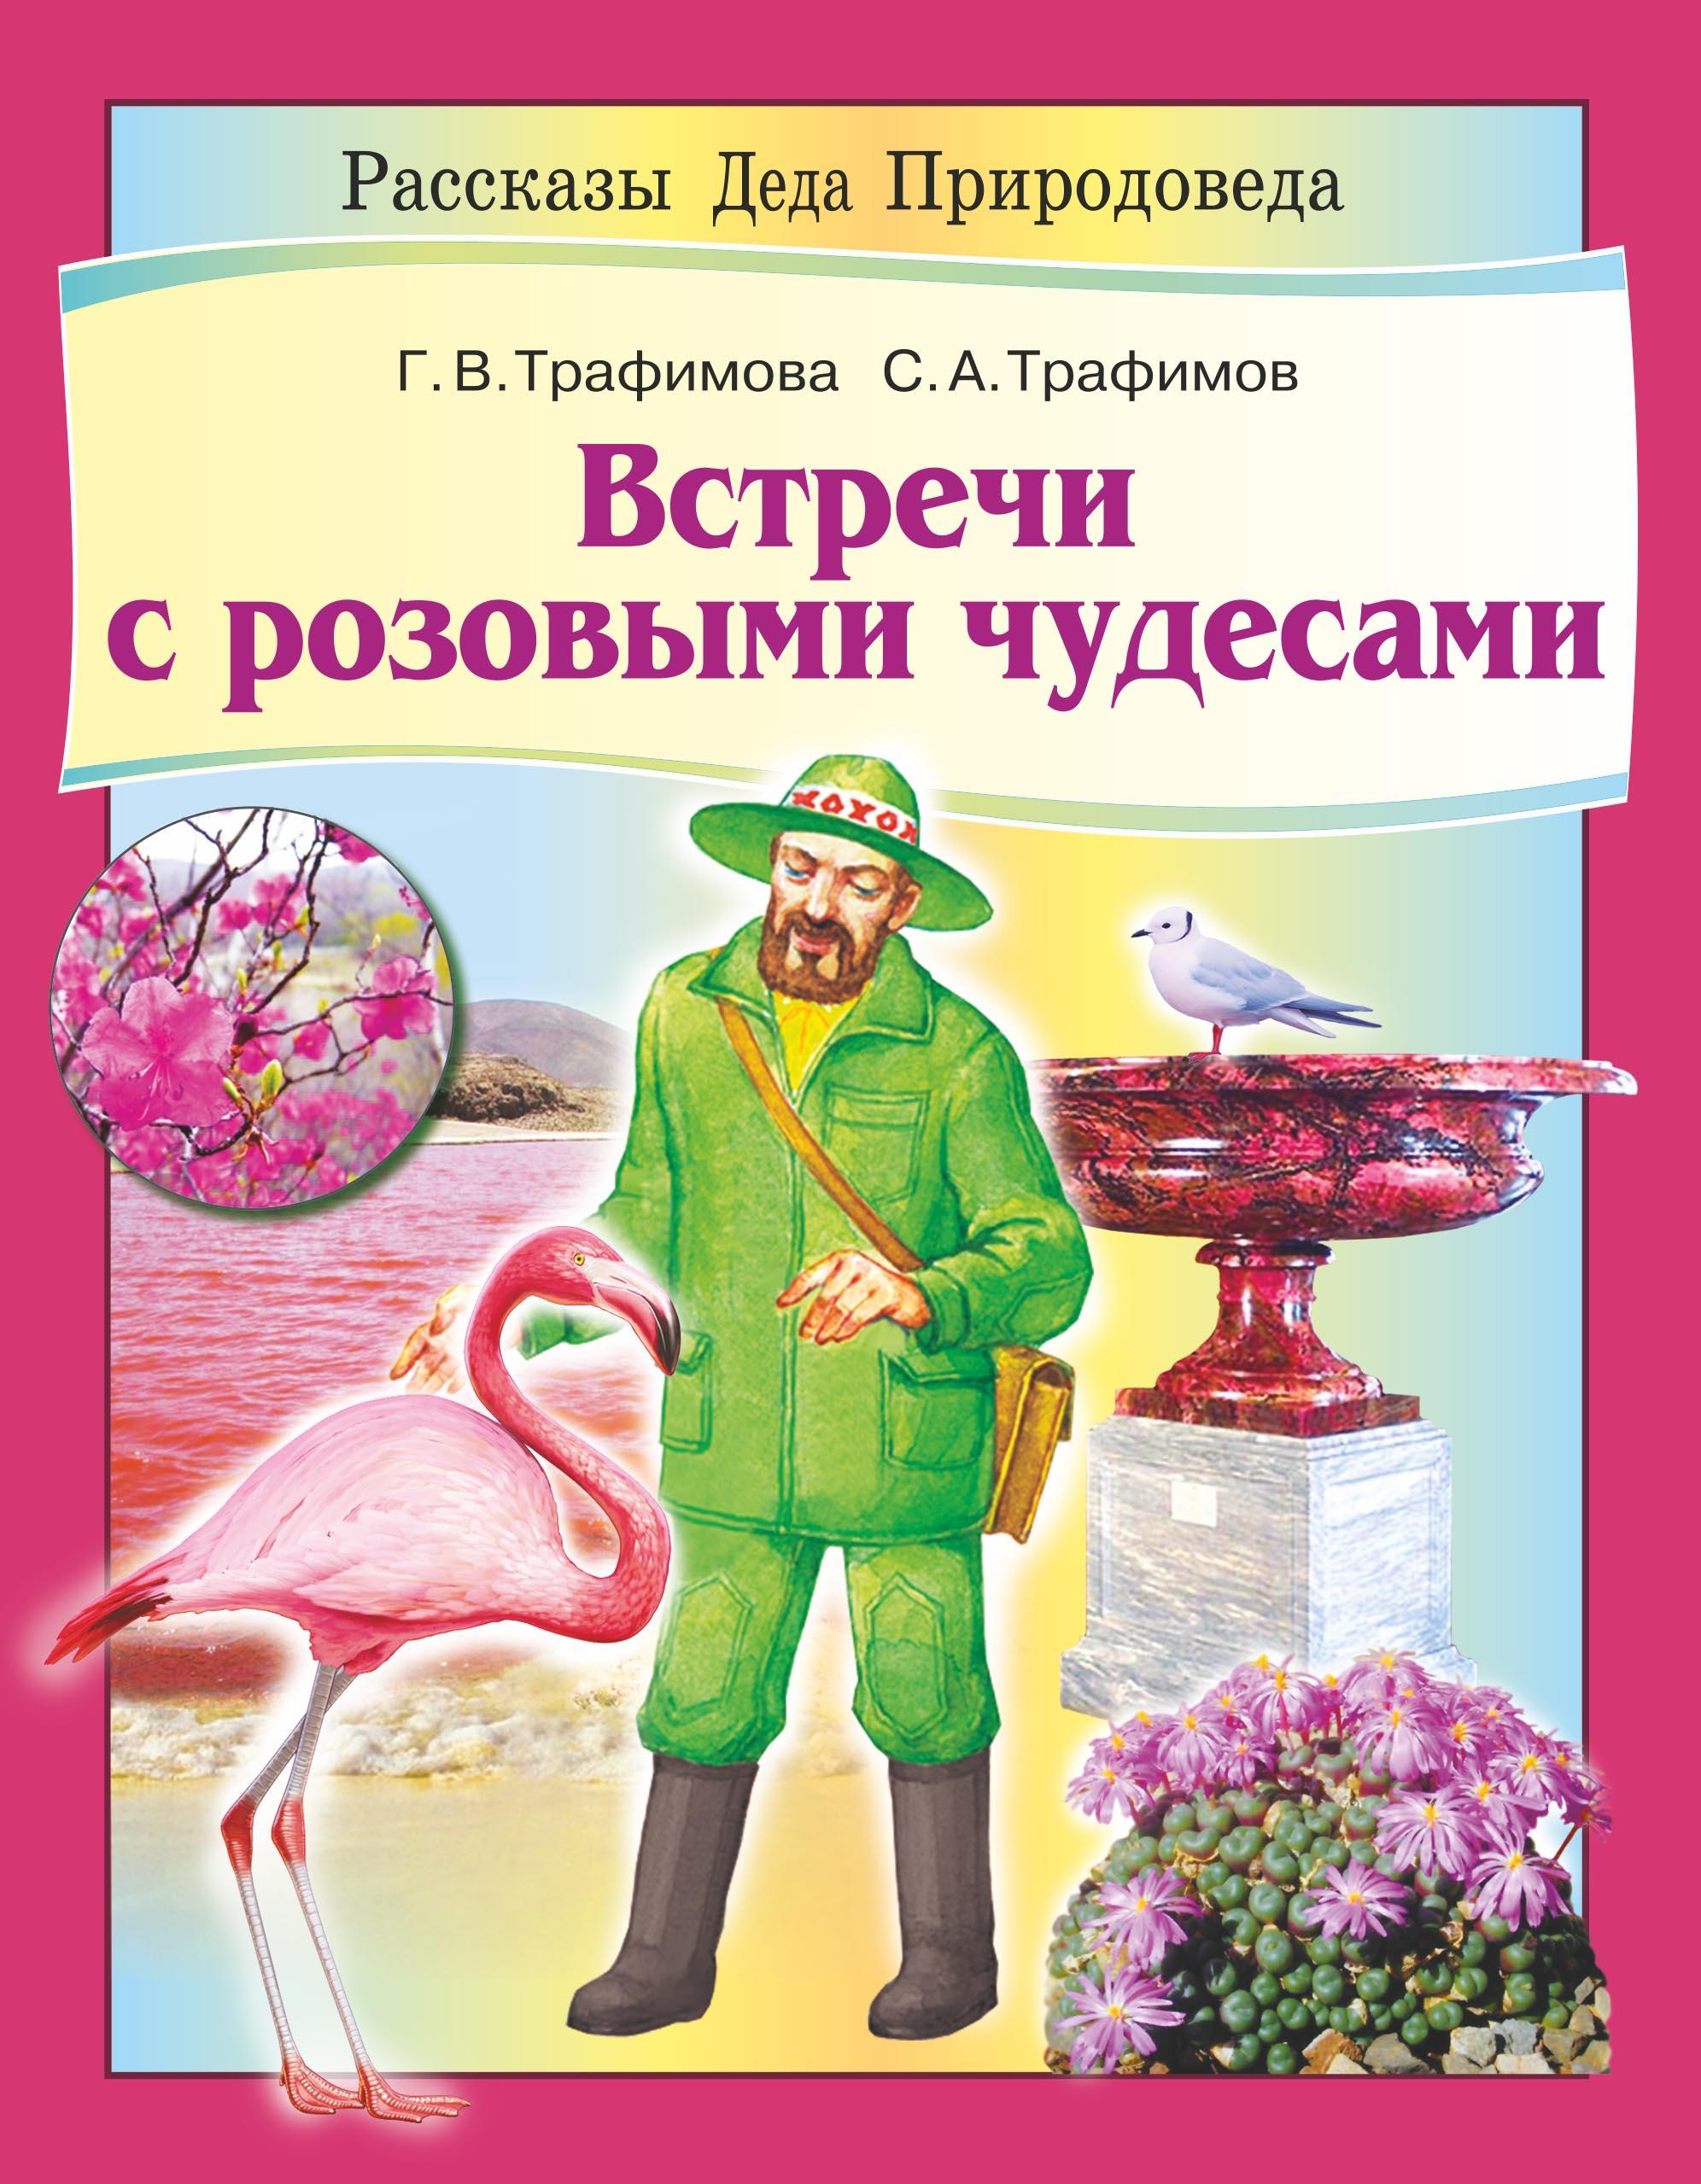 Встречи с розовыми чудесами